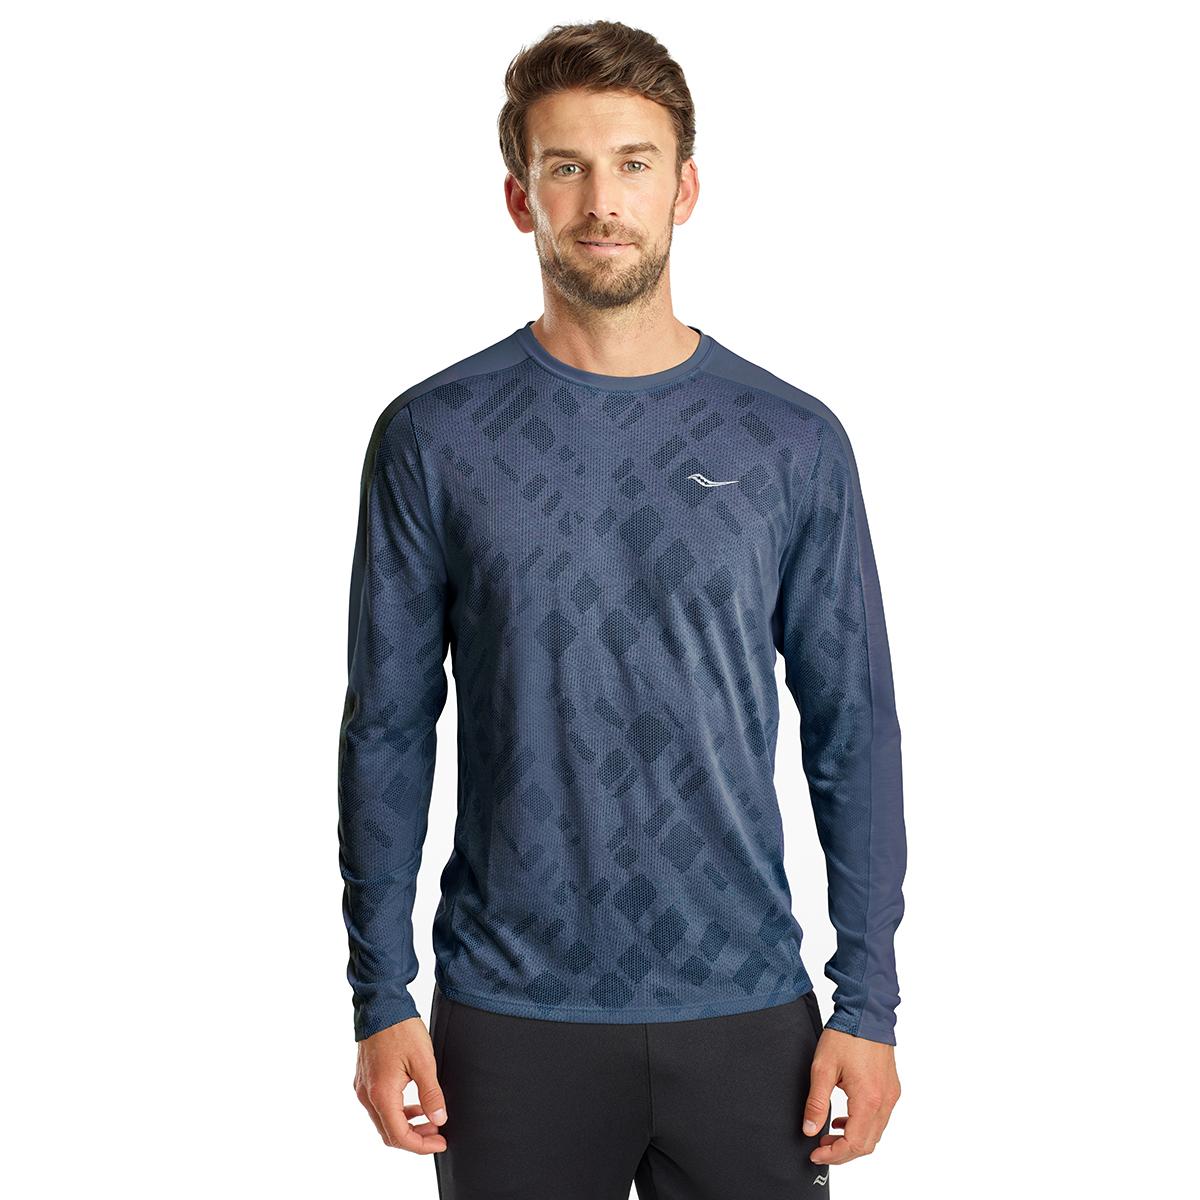 Men's Saucony Ramble Long Sleeve  - Color: Mood Indigo - Size: S, Mood Indigo, large, image 1